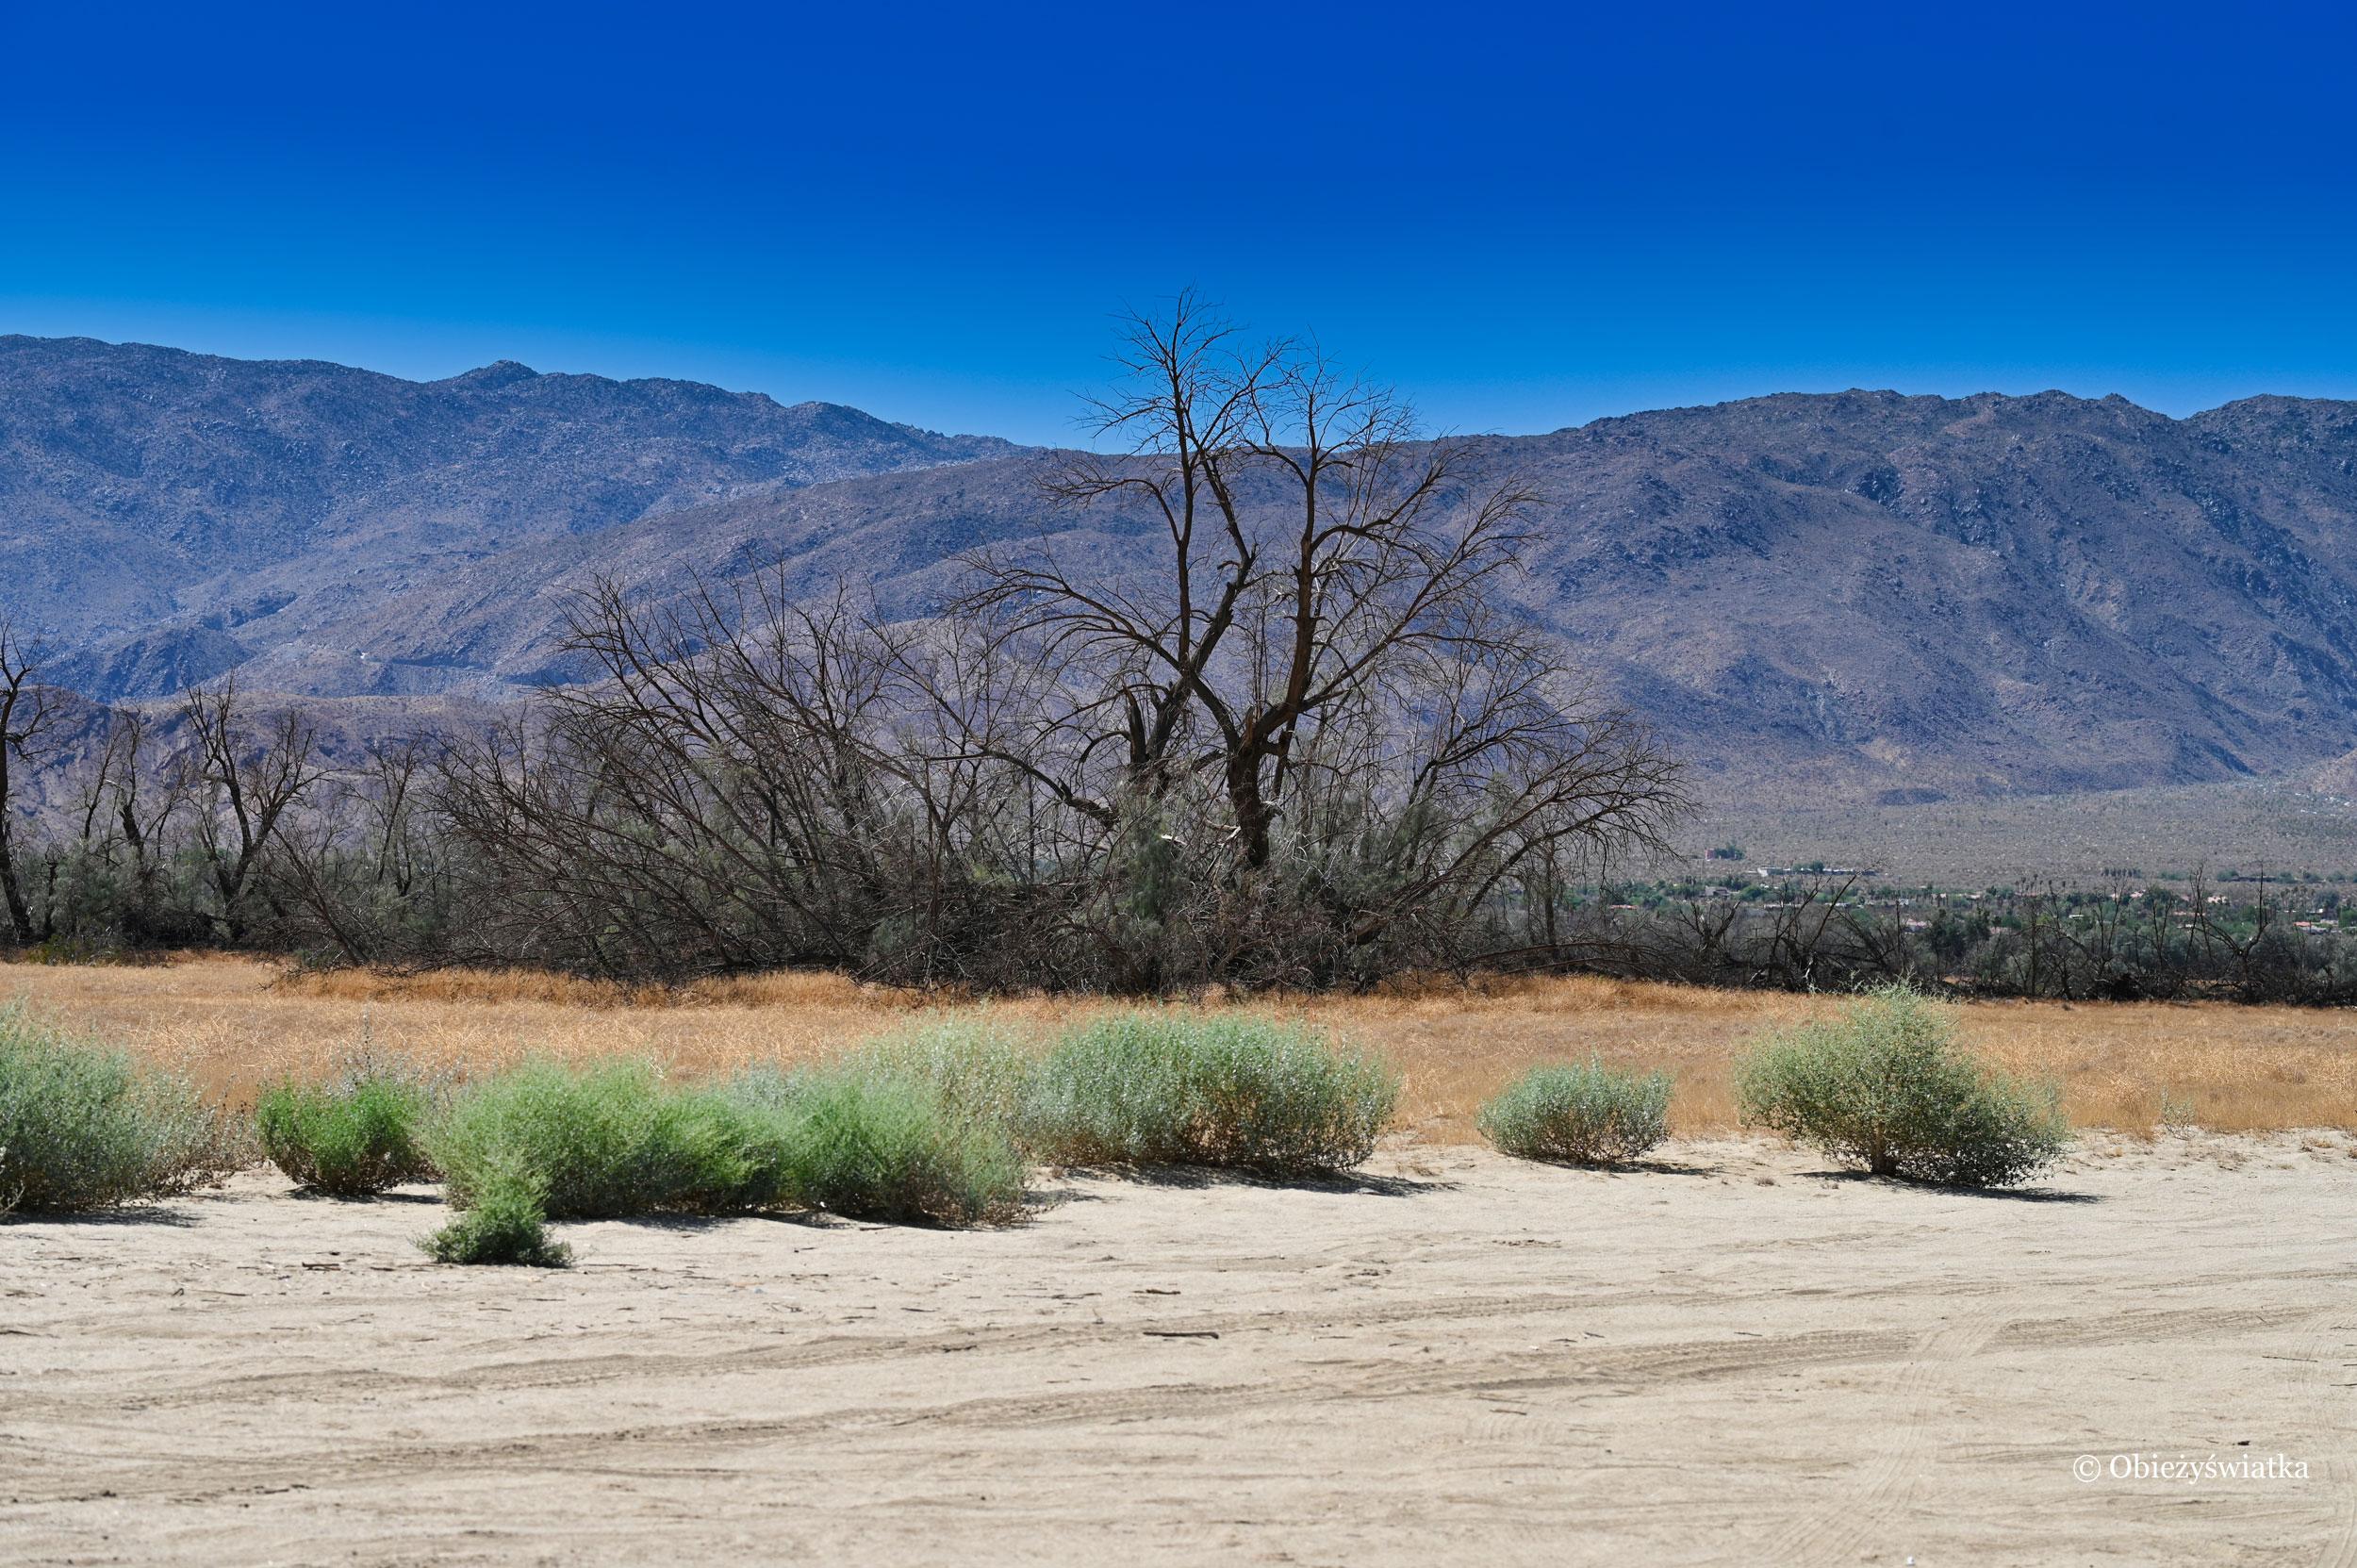 Ciekawy krajobraz w Borrego Springs, Kalifornia